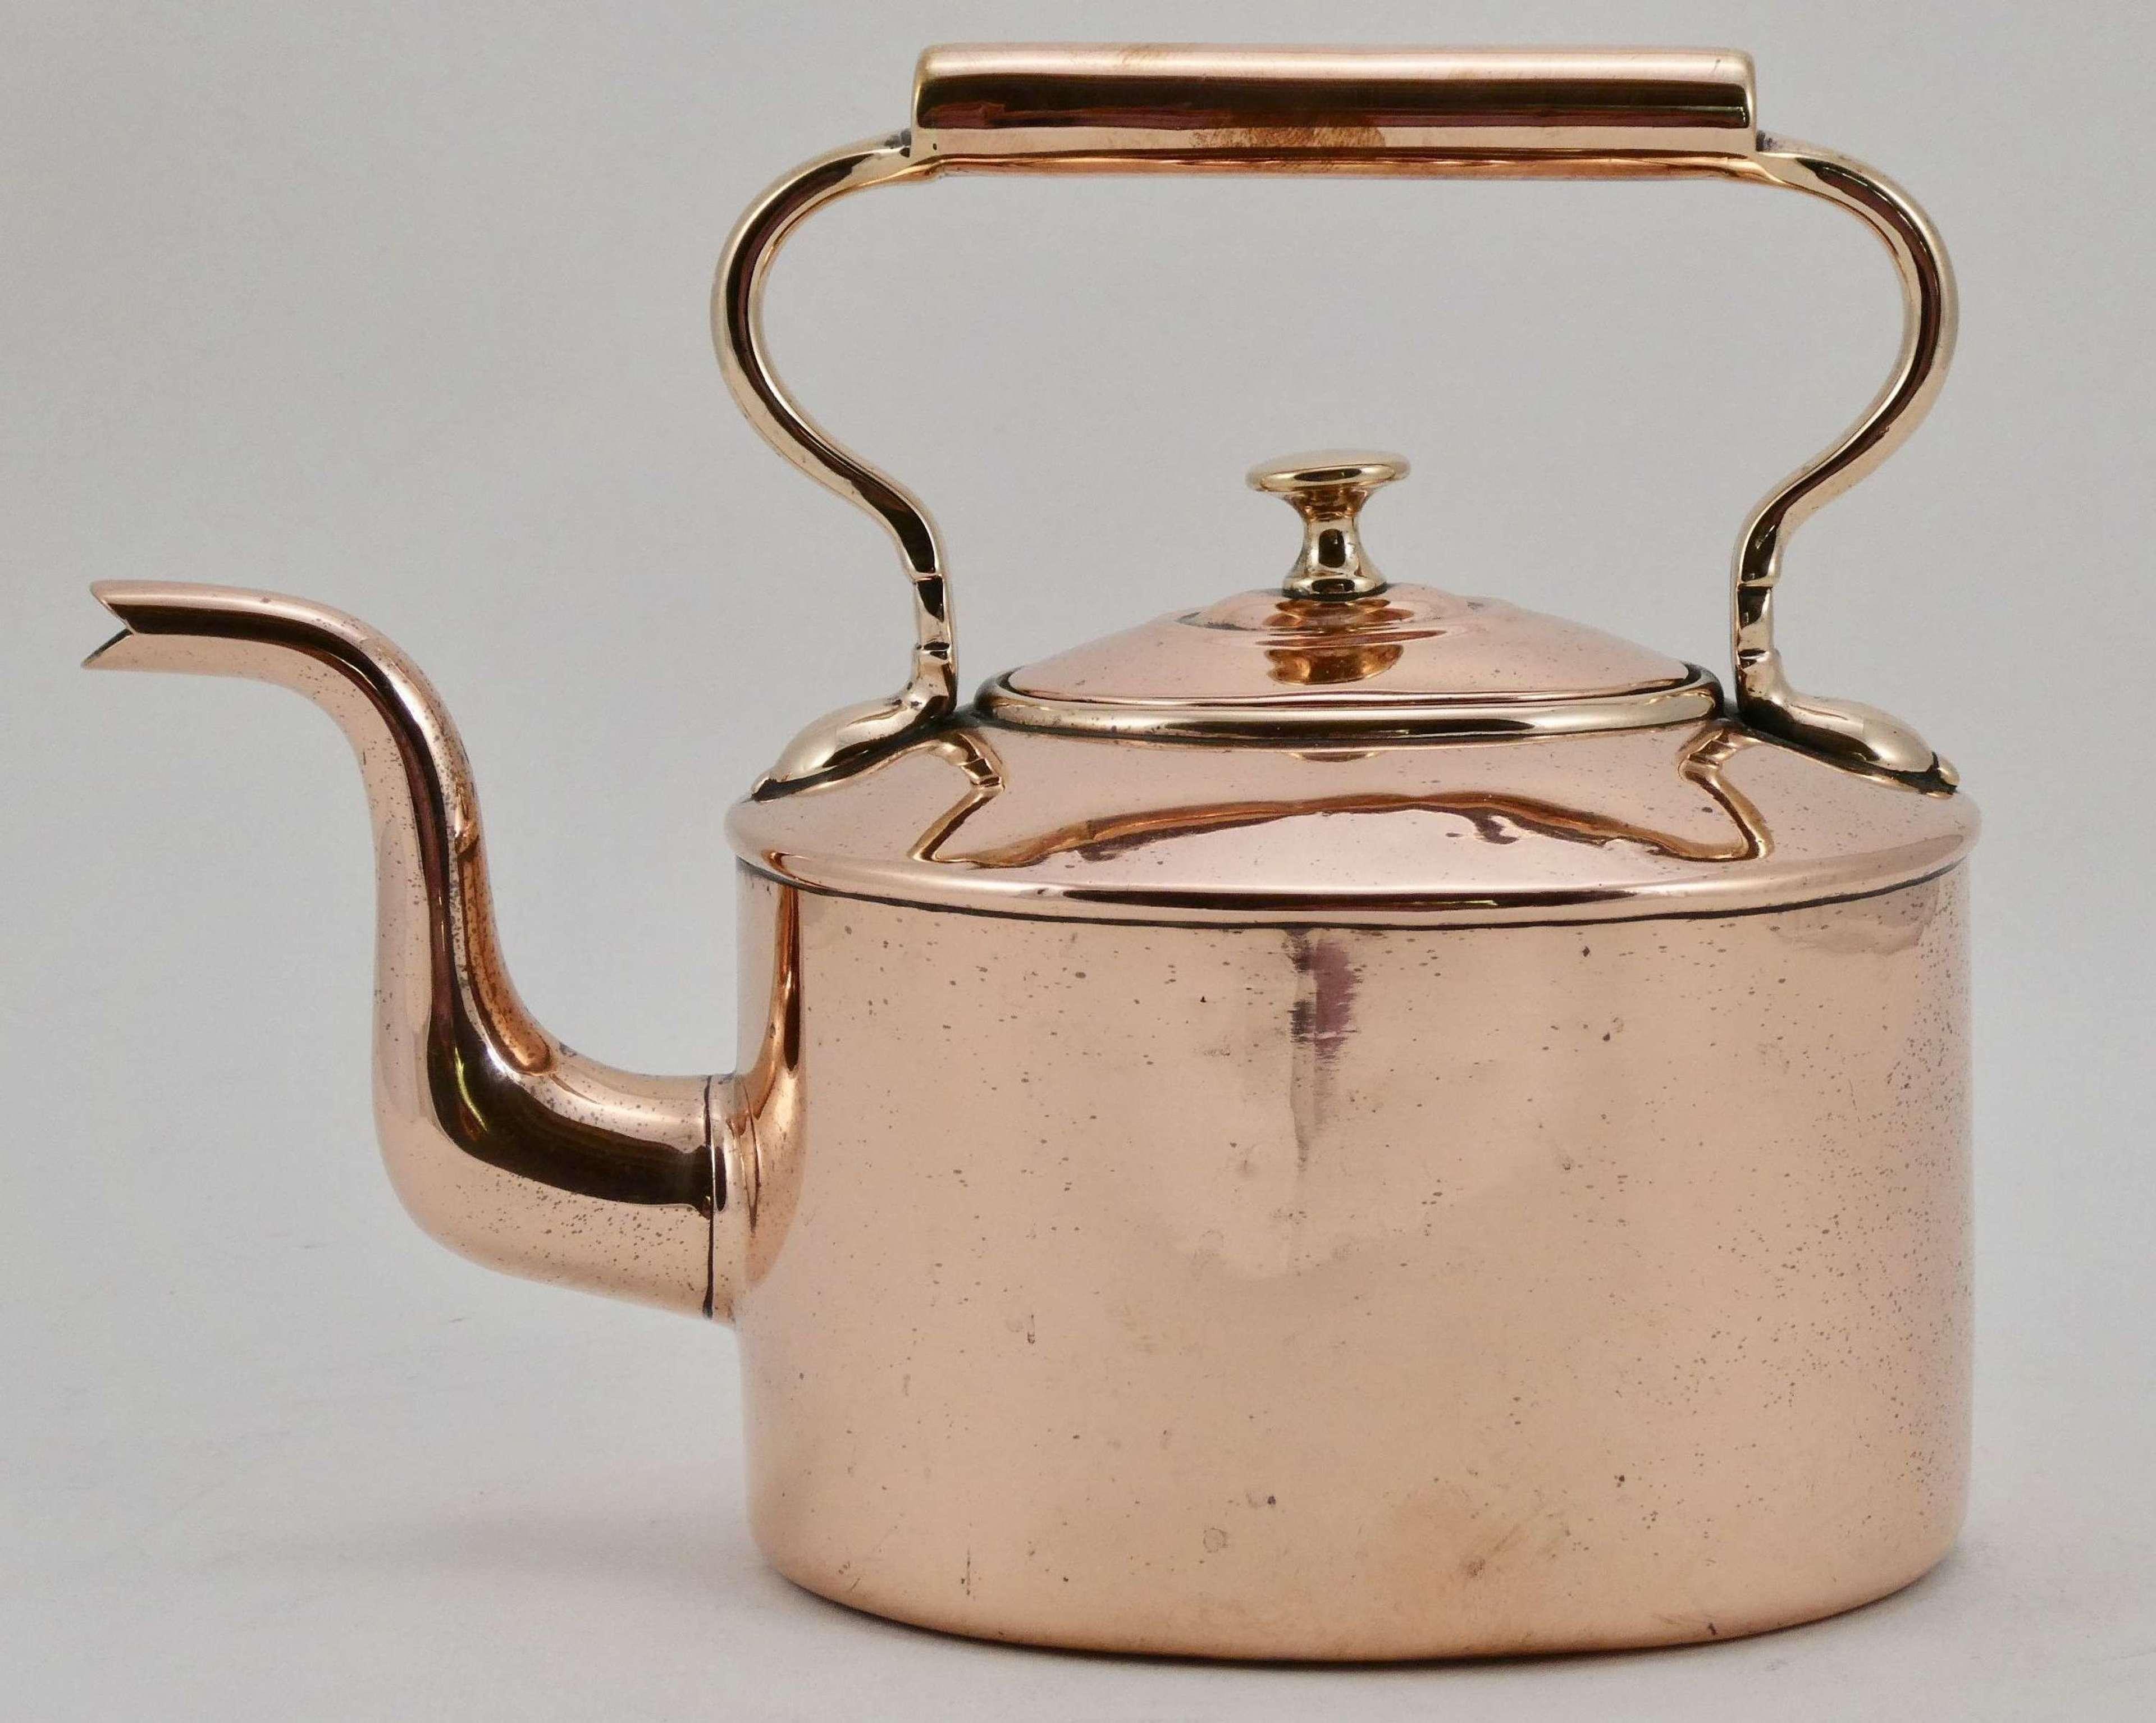 Small Copper Kettle, circa 1870